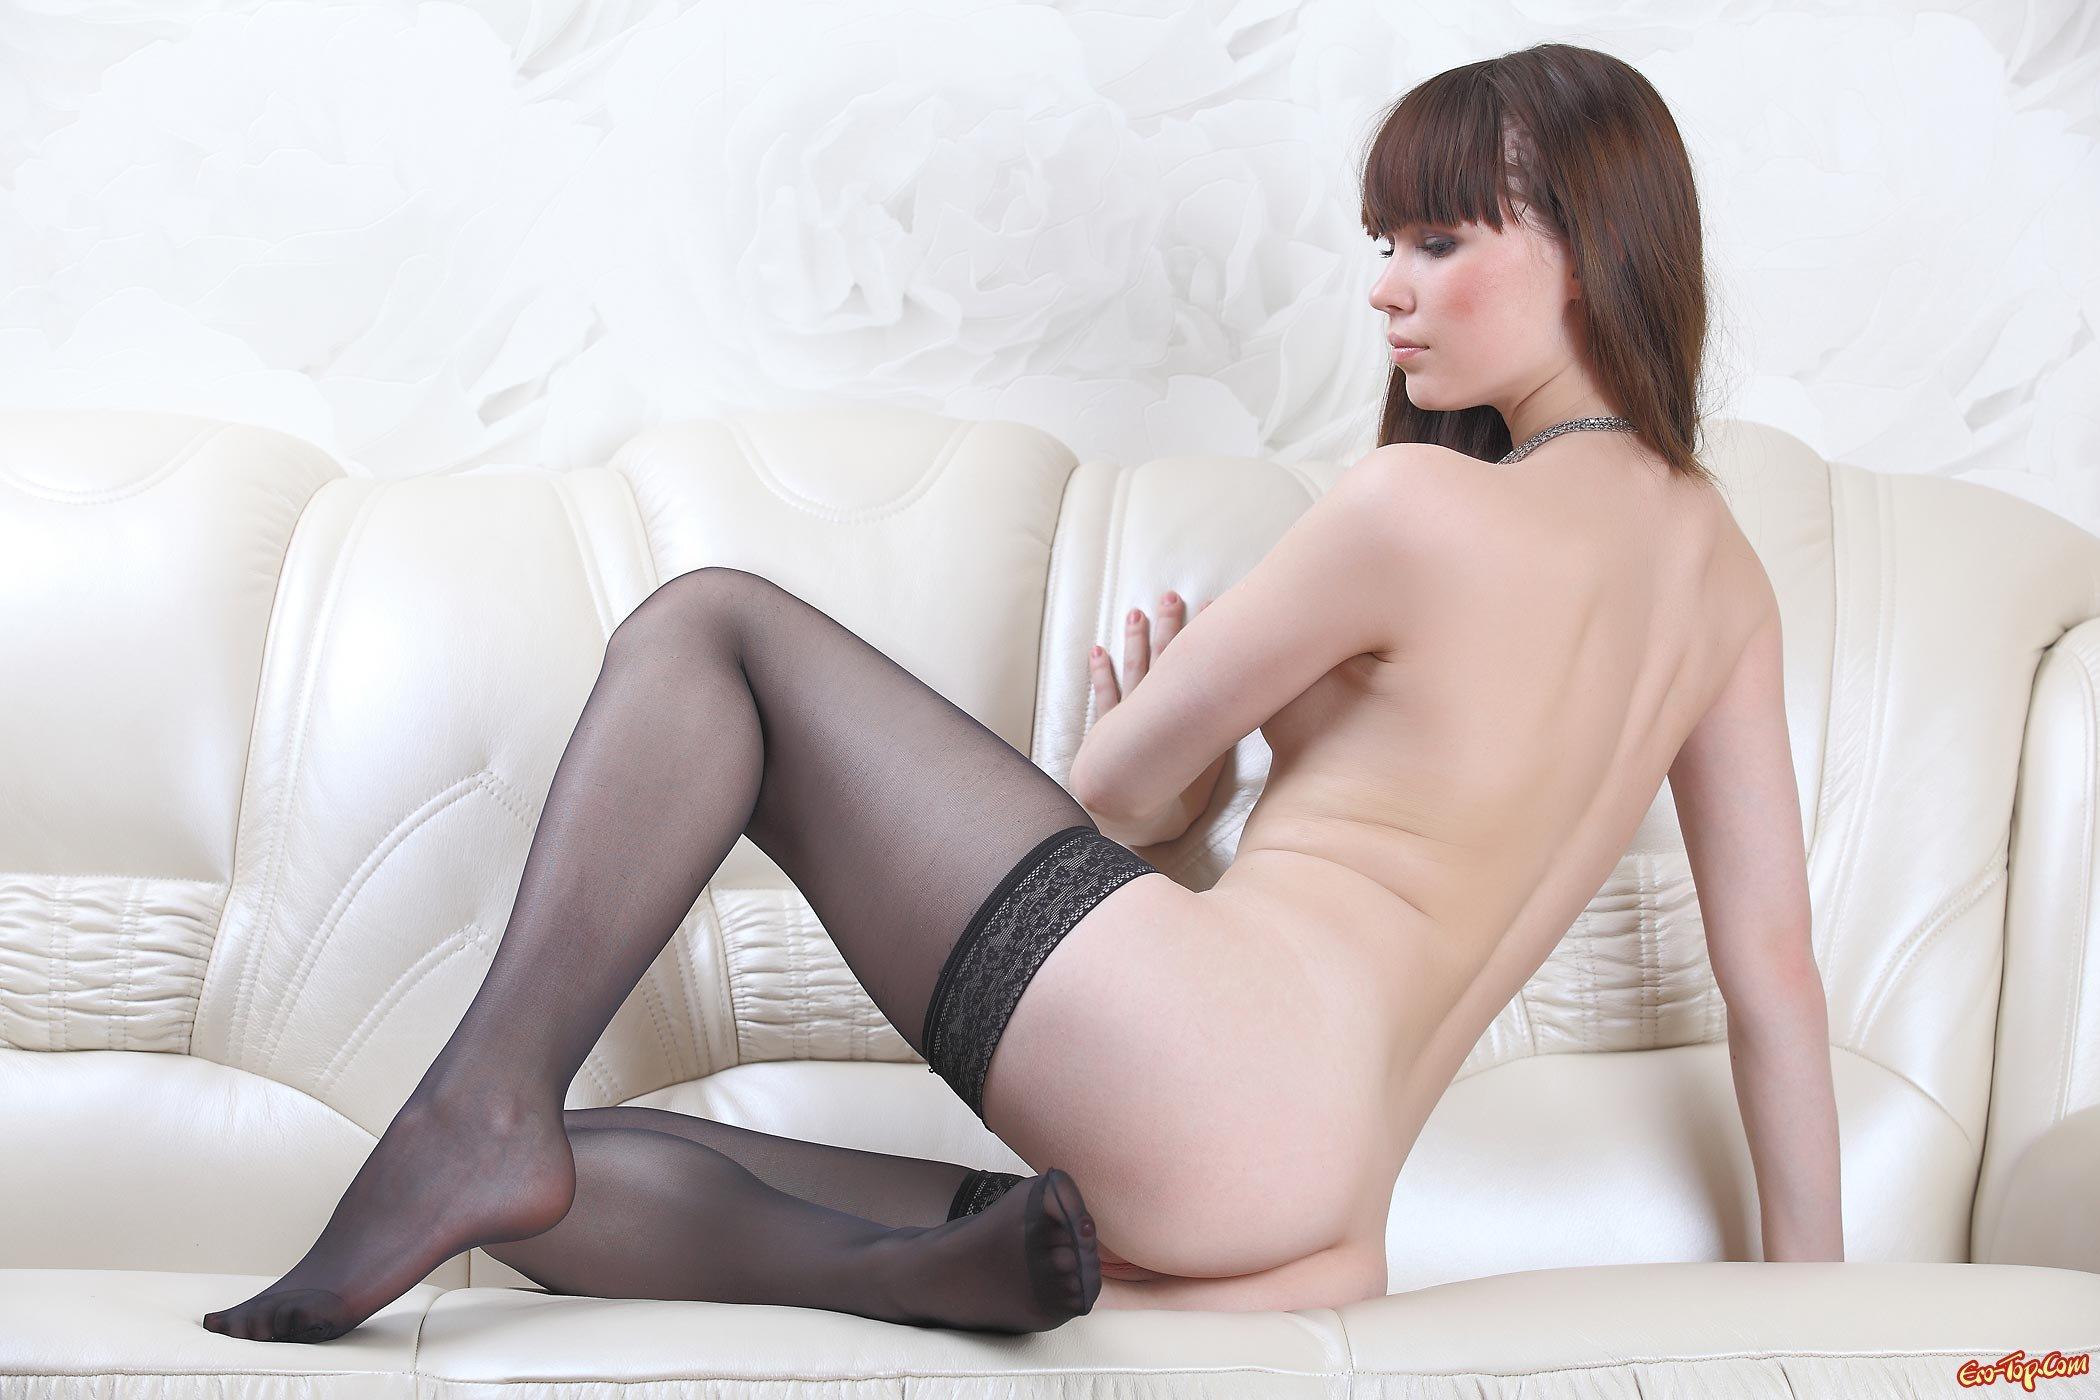 Голая русская девушка в чёрных чулках